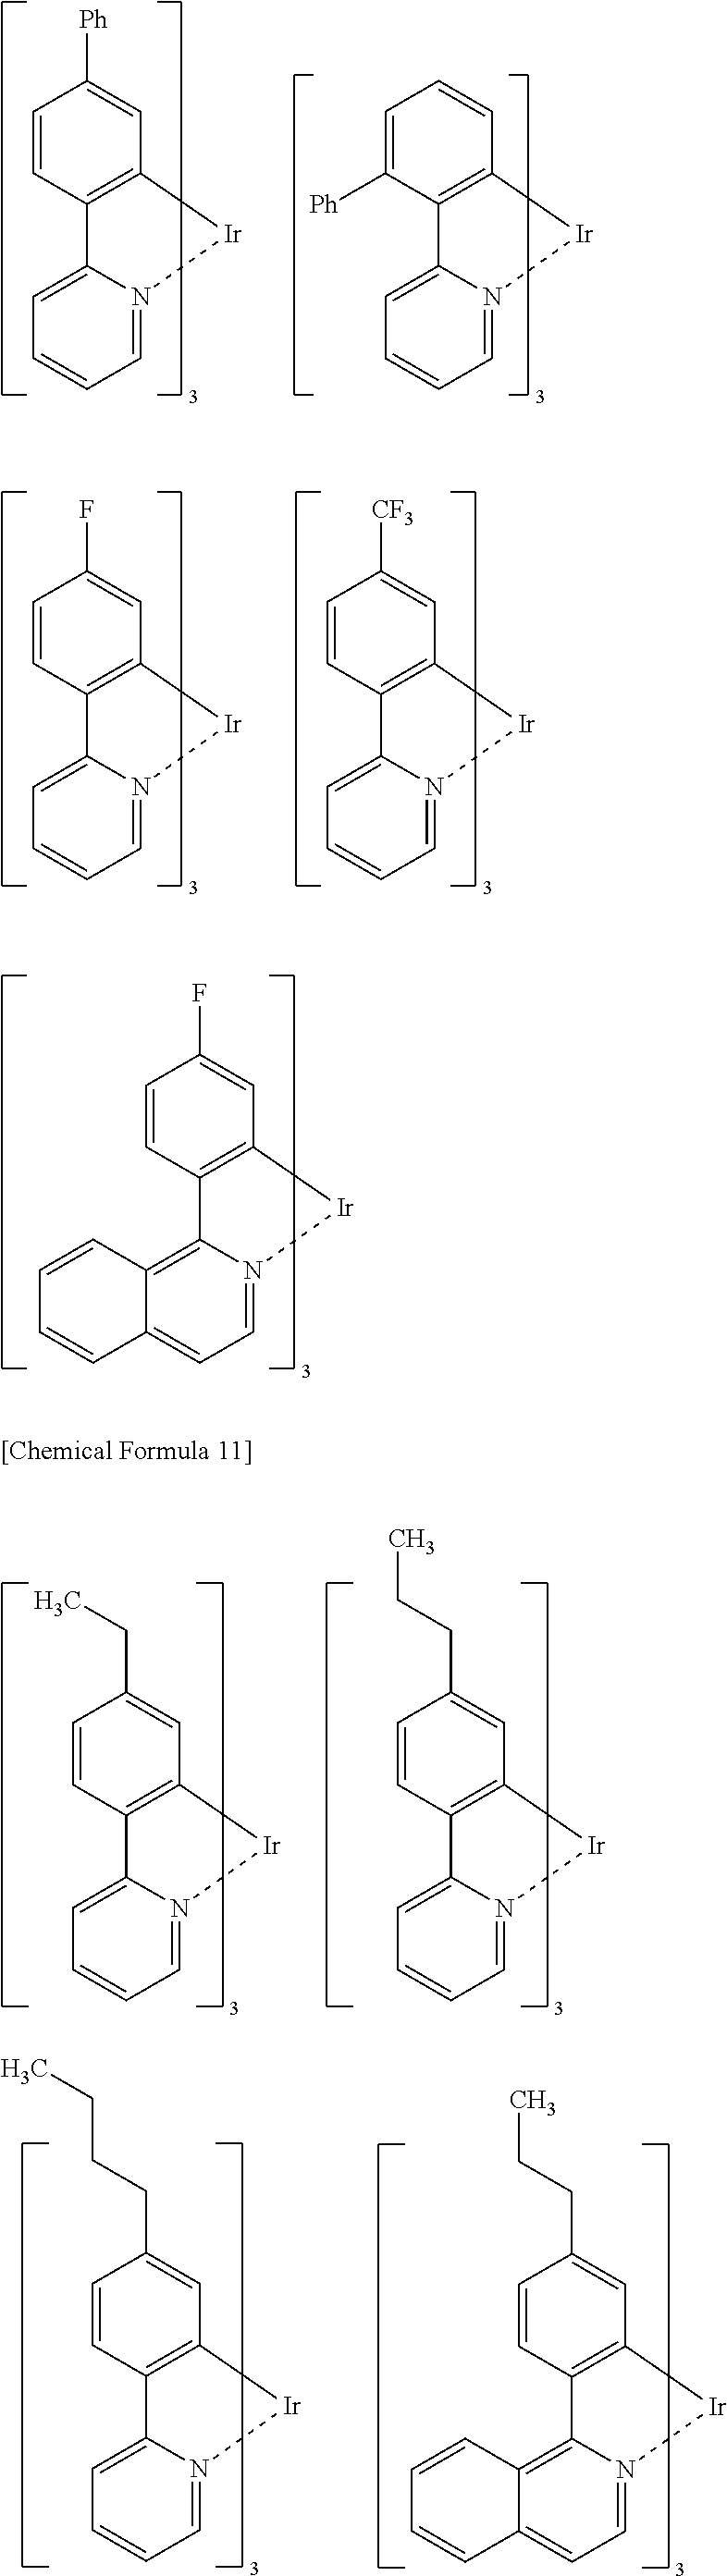 Figure US20110215312A1-20110908-C00012